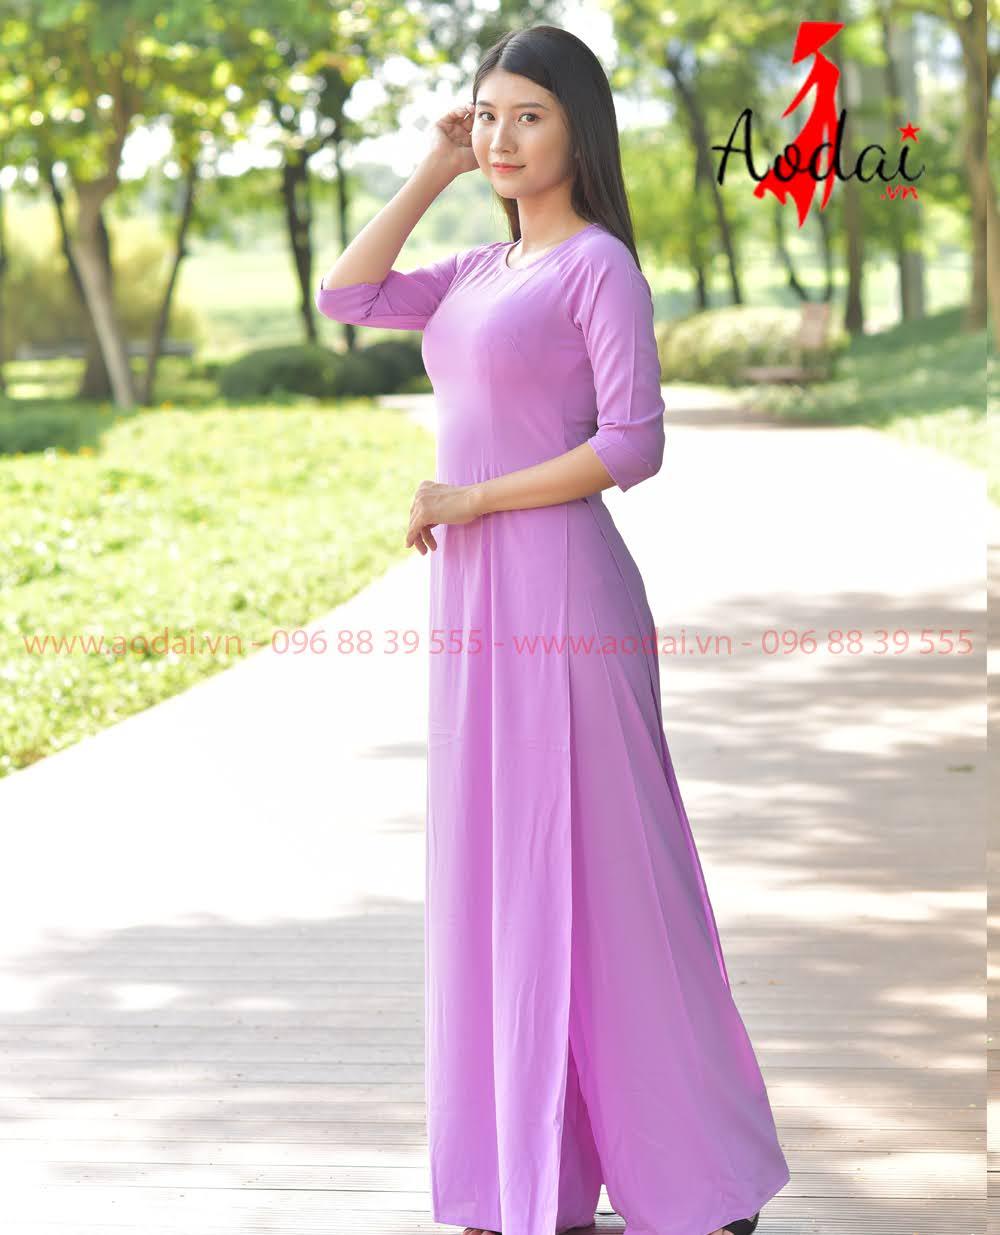 May áo dài tại Hà Ðông